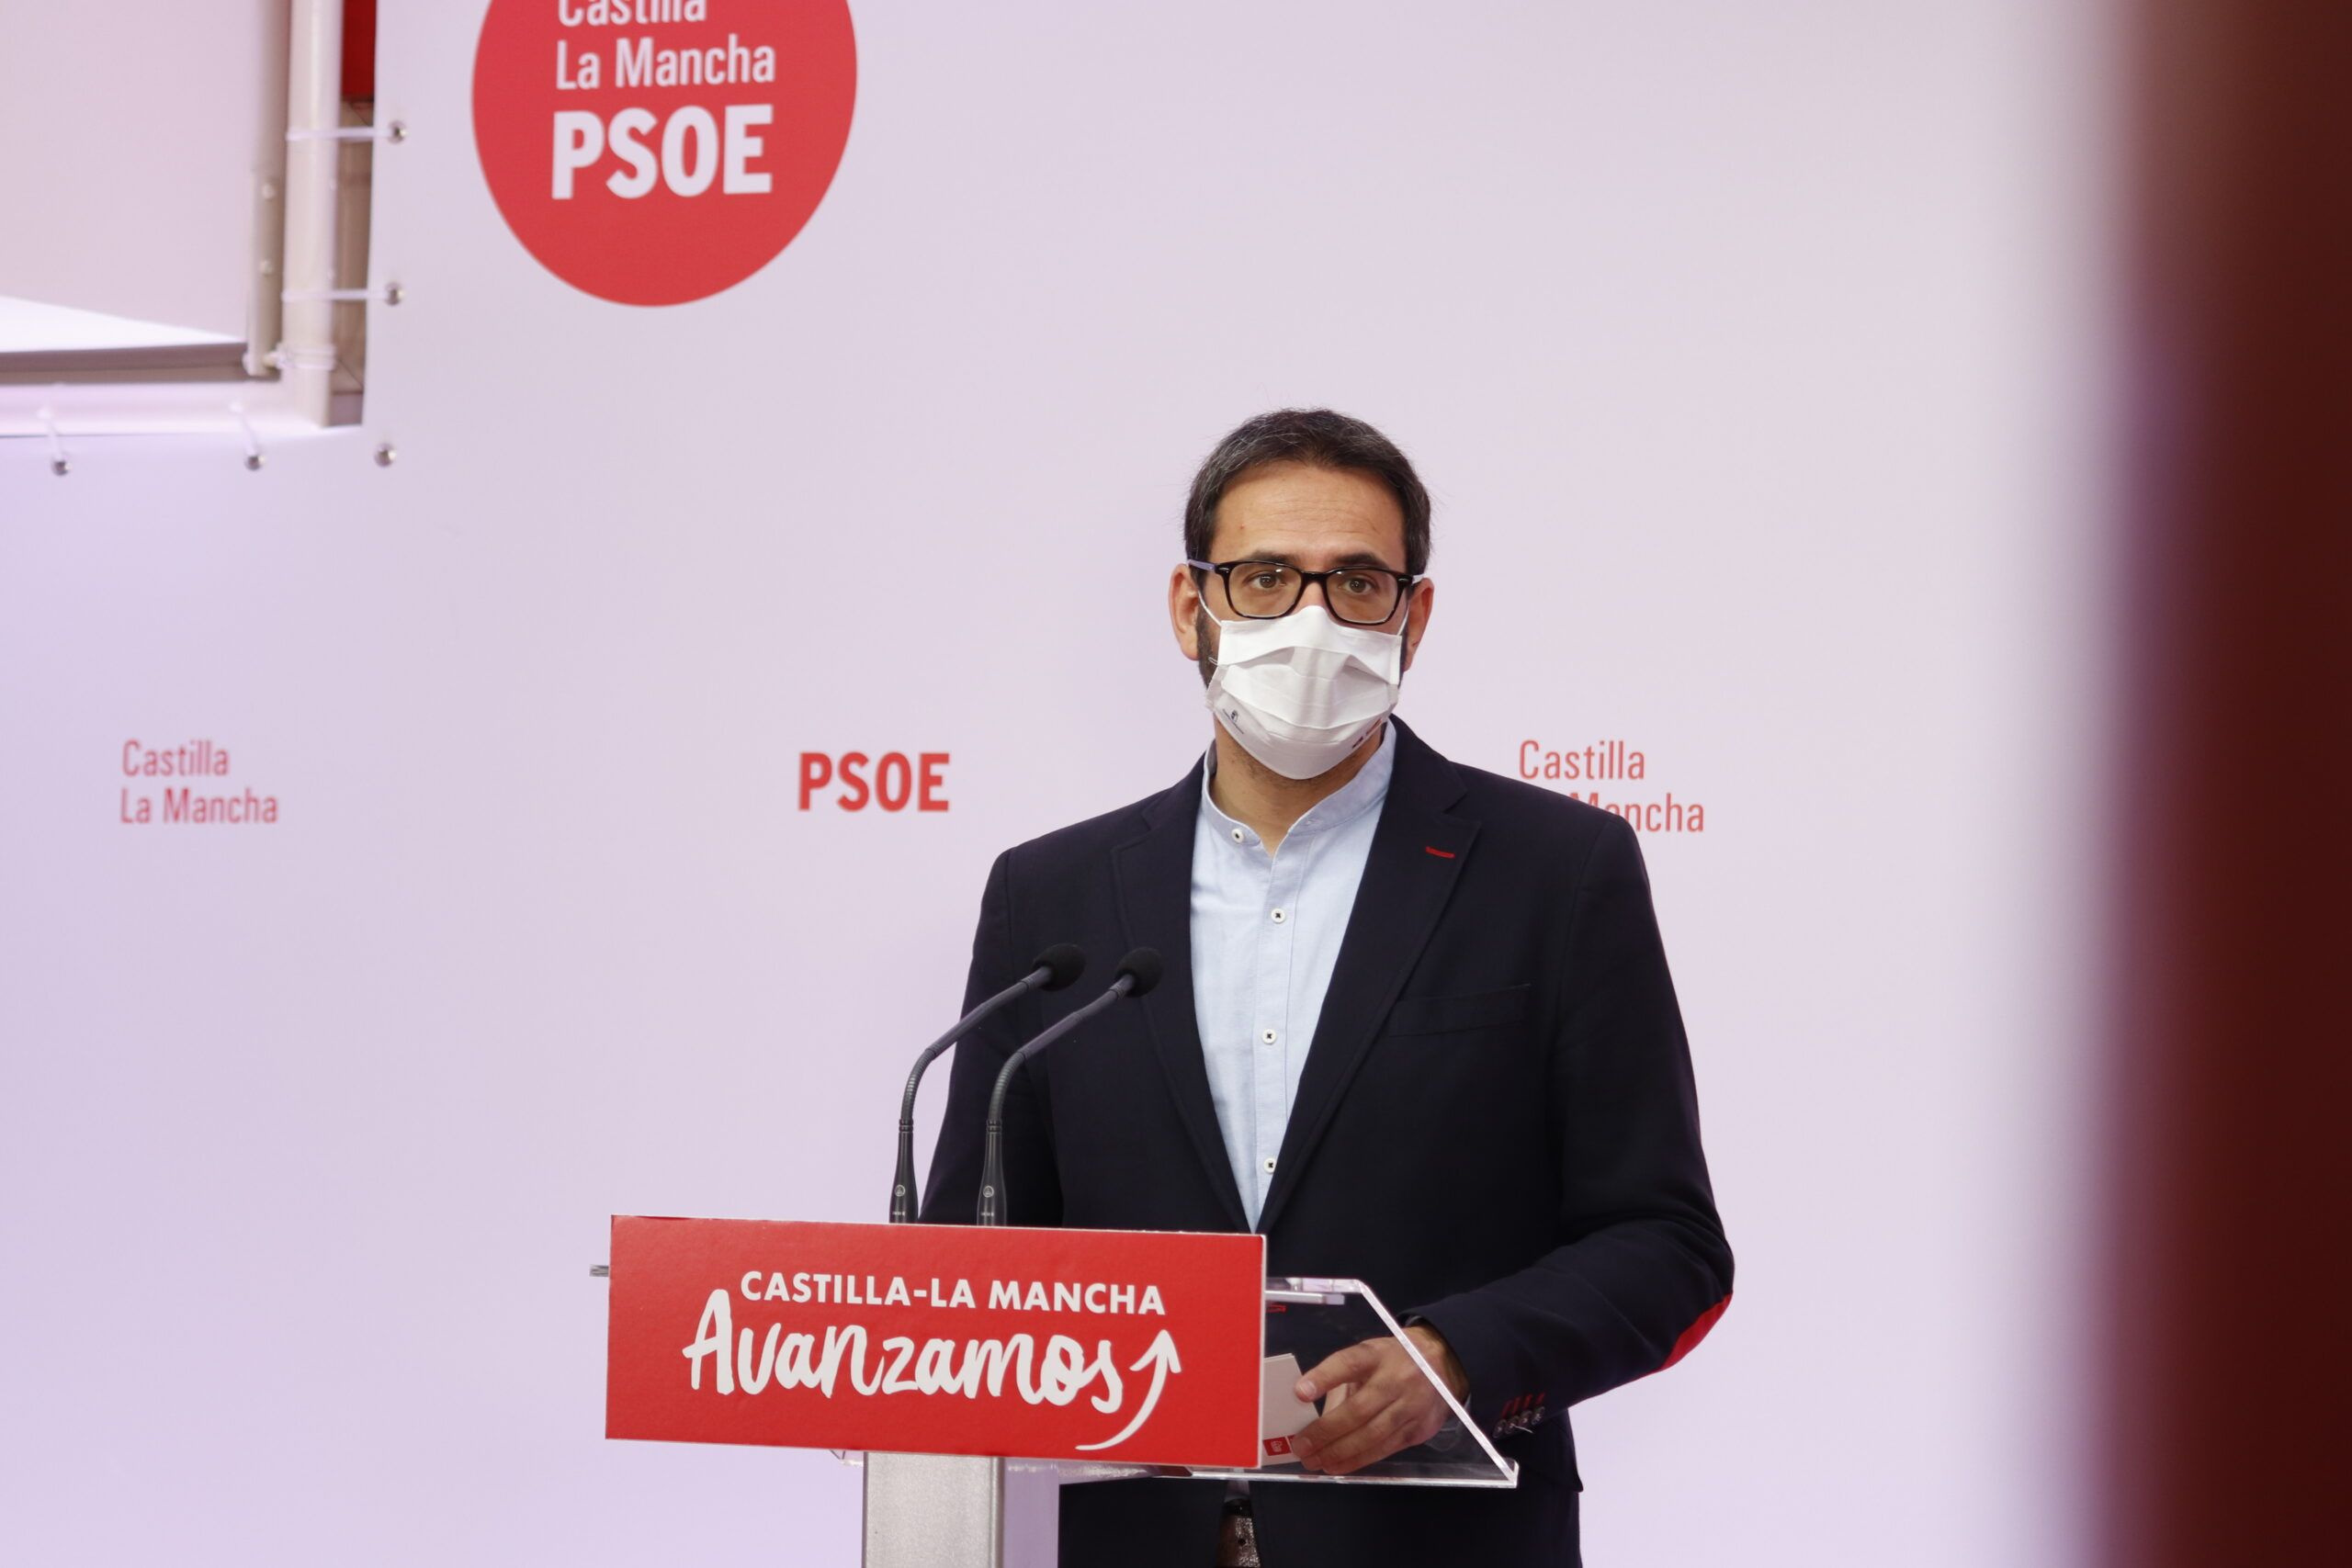 Gutiérrez recuerda a Núñez que las Cortes de CLM ya aprobaron pedir la bajada del IVA a las peluquerías y centros de belleza: